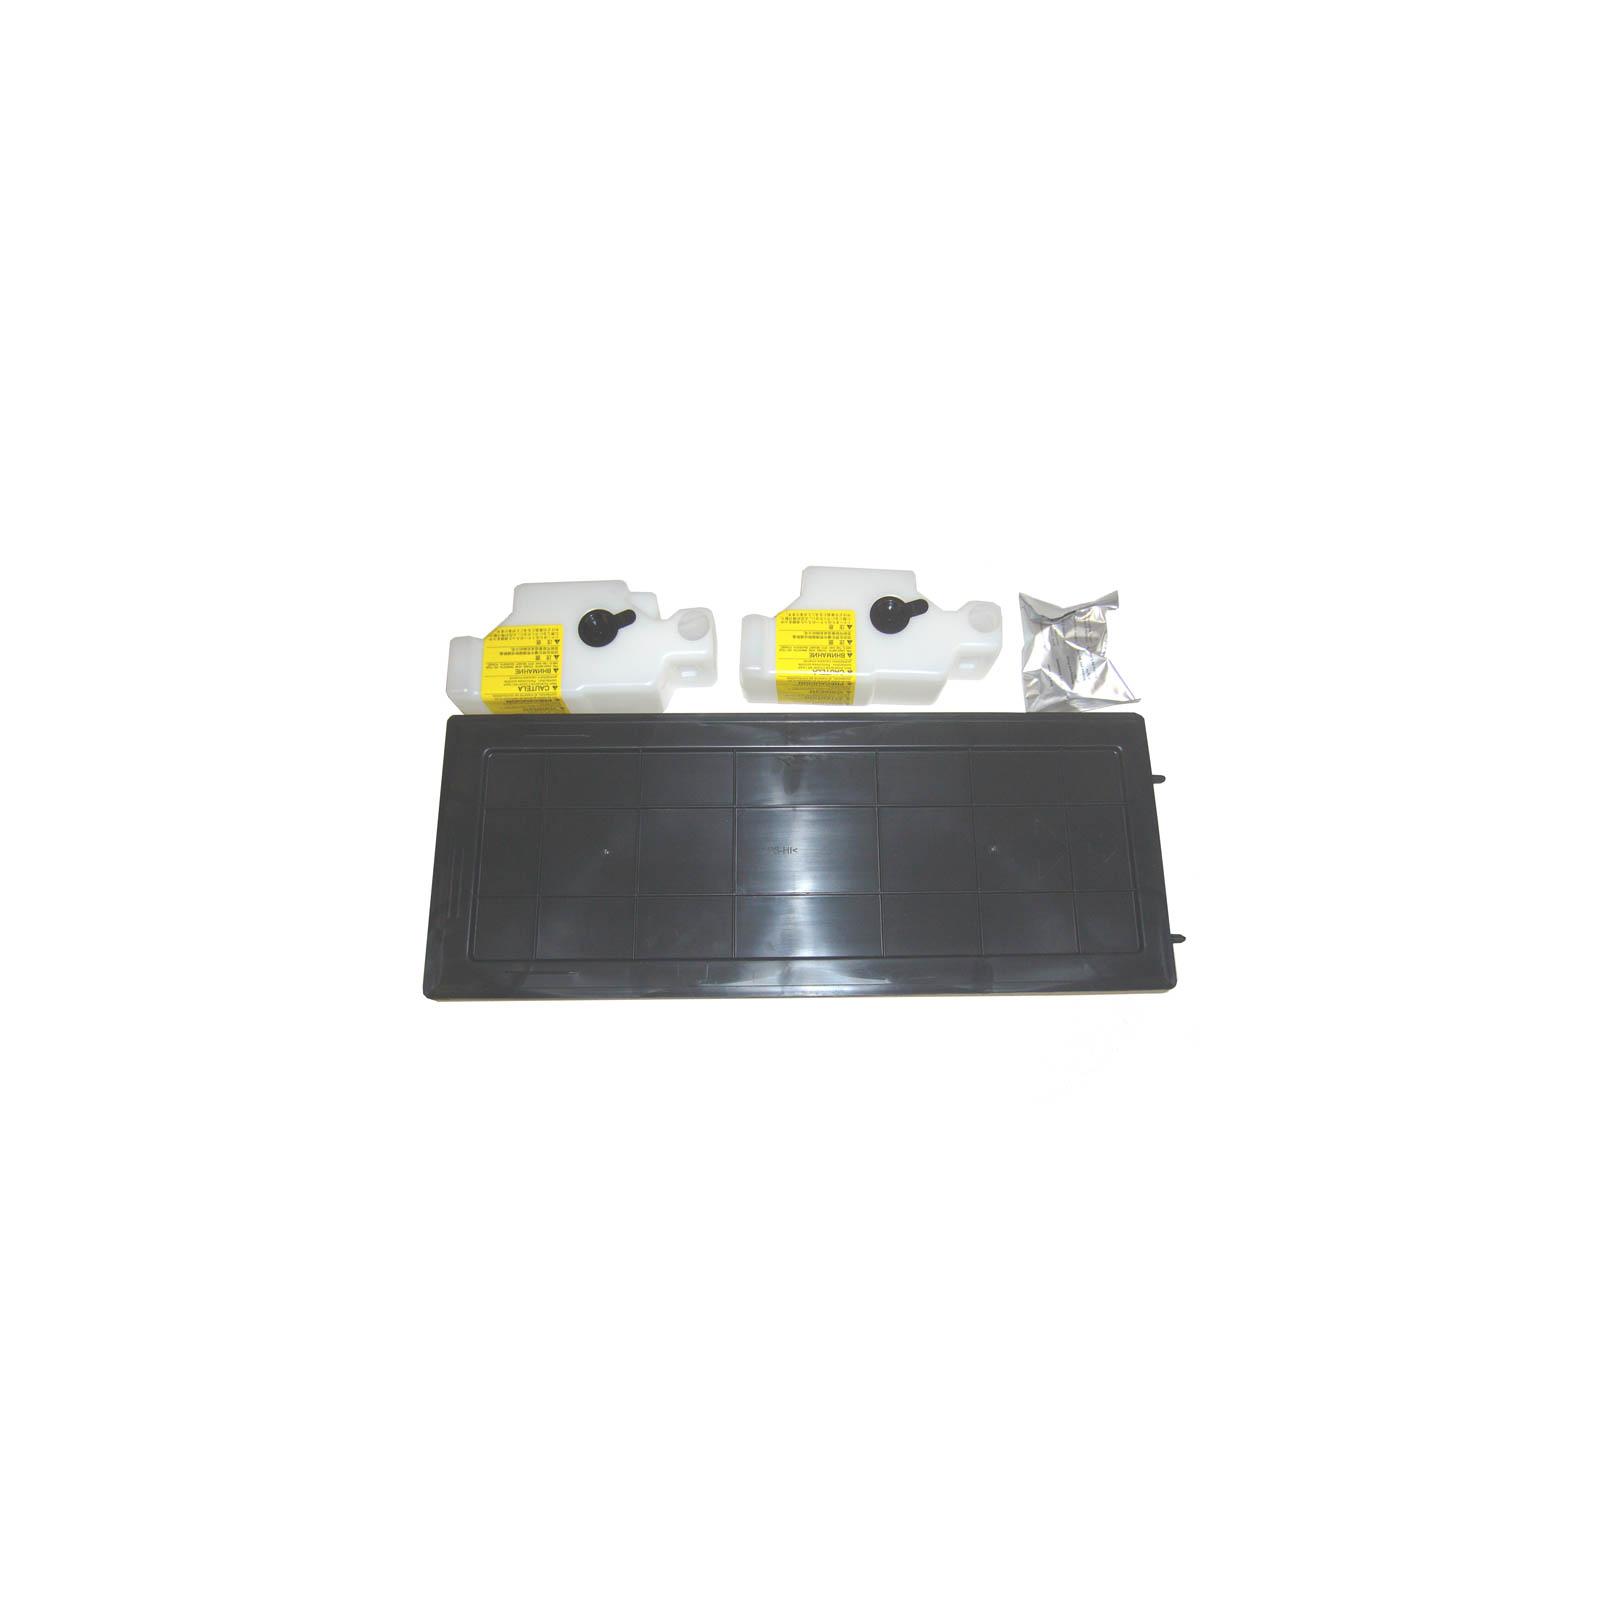 Тонер-картридж Kyocera TK-675 для KM-2540/3040/2560/3060 20К (1T02H00EU0) изображение 2